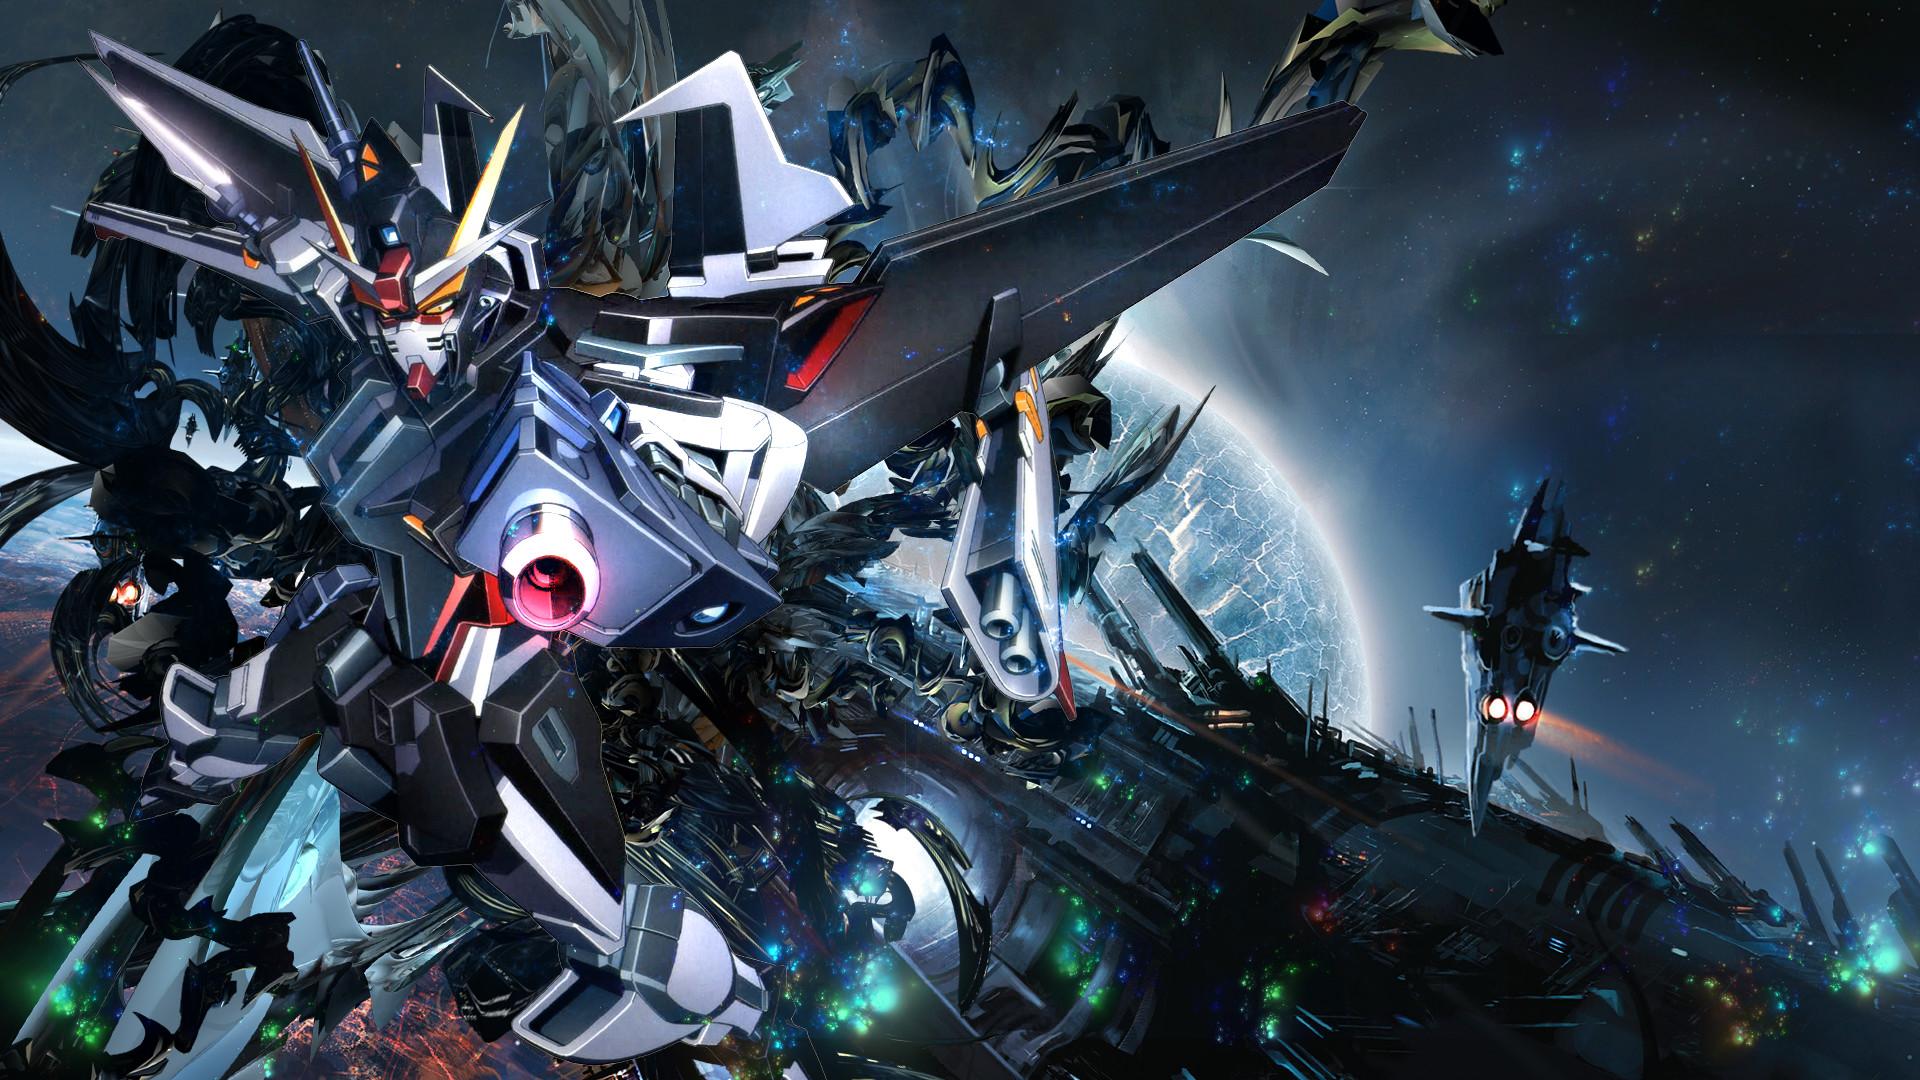 175 Gundam HD Wallpapers | Backgrounds – Wallpaper Abyss | Best Games  Wallpapers | Pinterest | Gundam and Gundam art